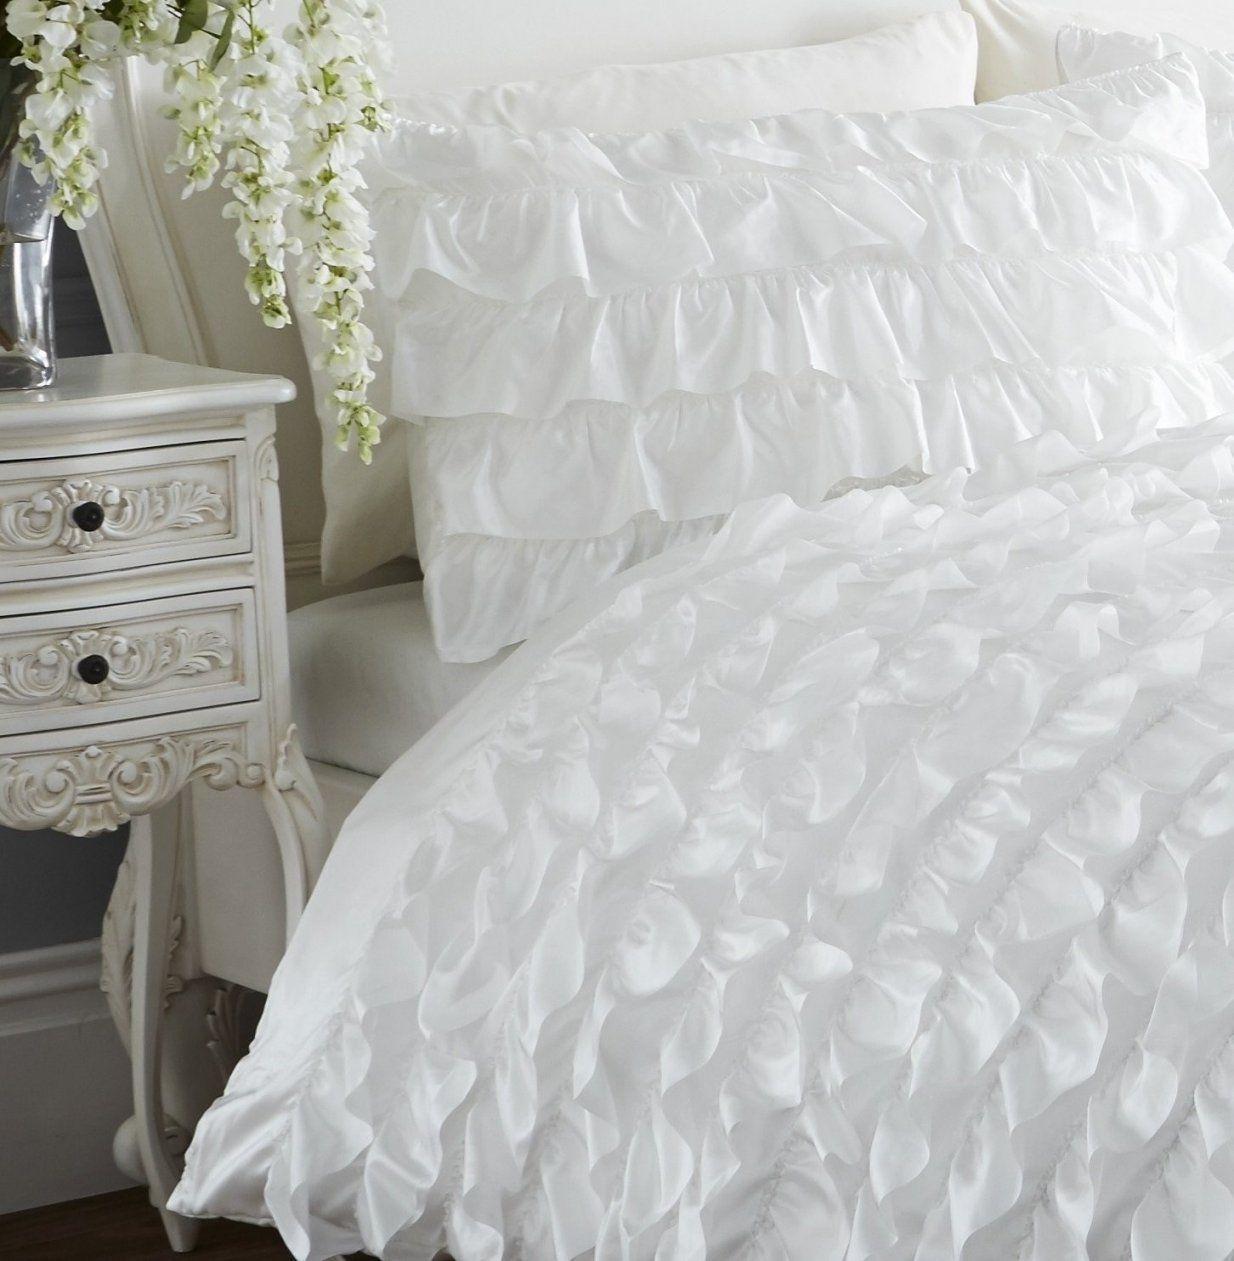 bettw sche wei r schen haus design ideen. Black Bedroom Furniture Sets. Home Design Ideas